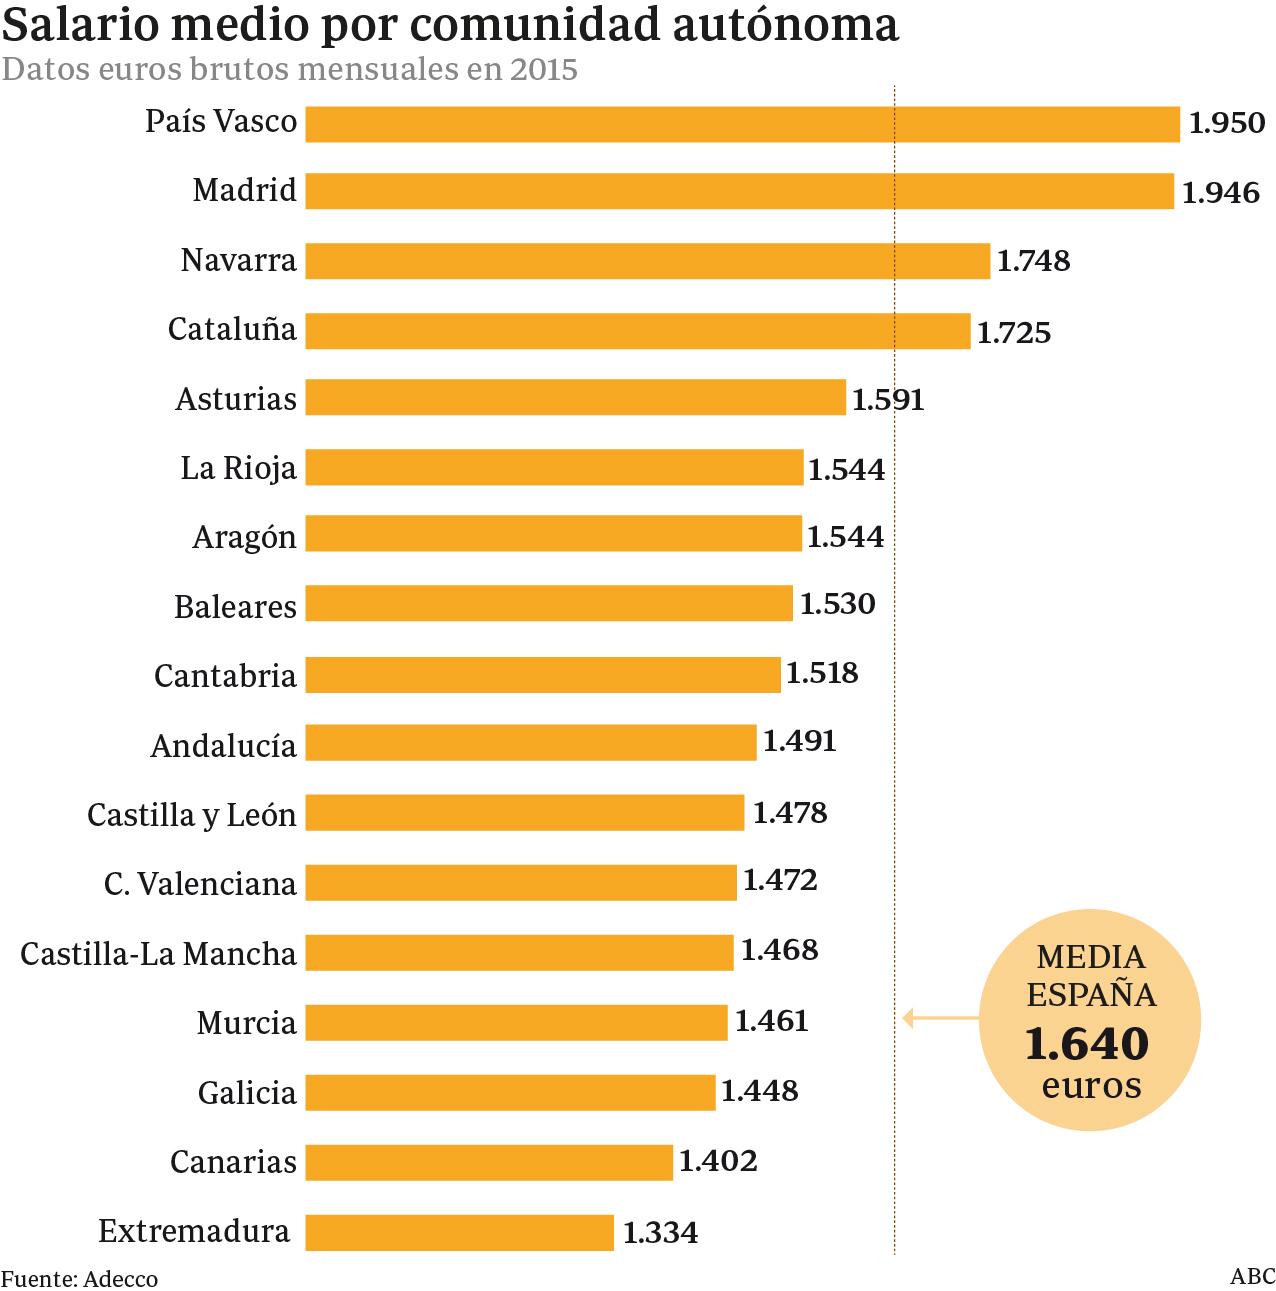 Salario medio por comunidad autónoma